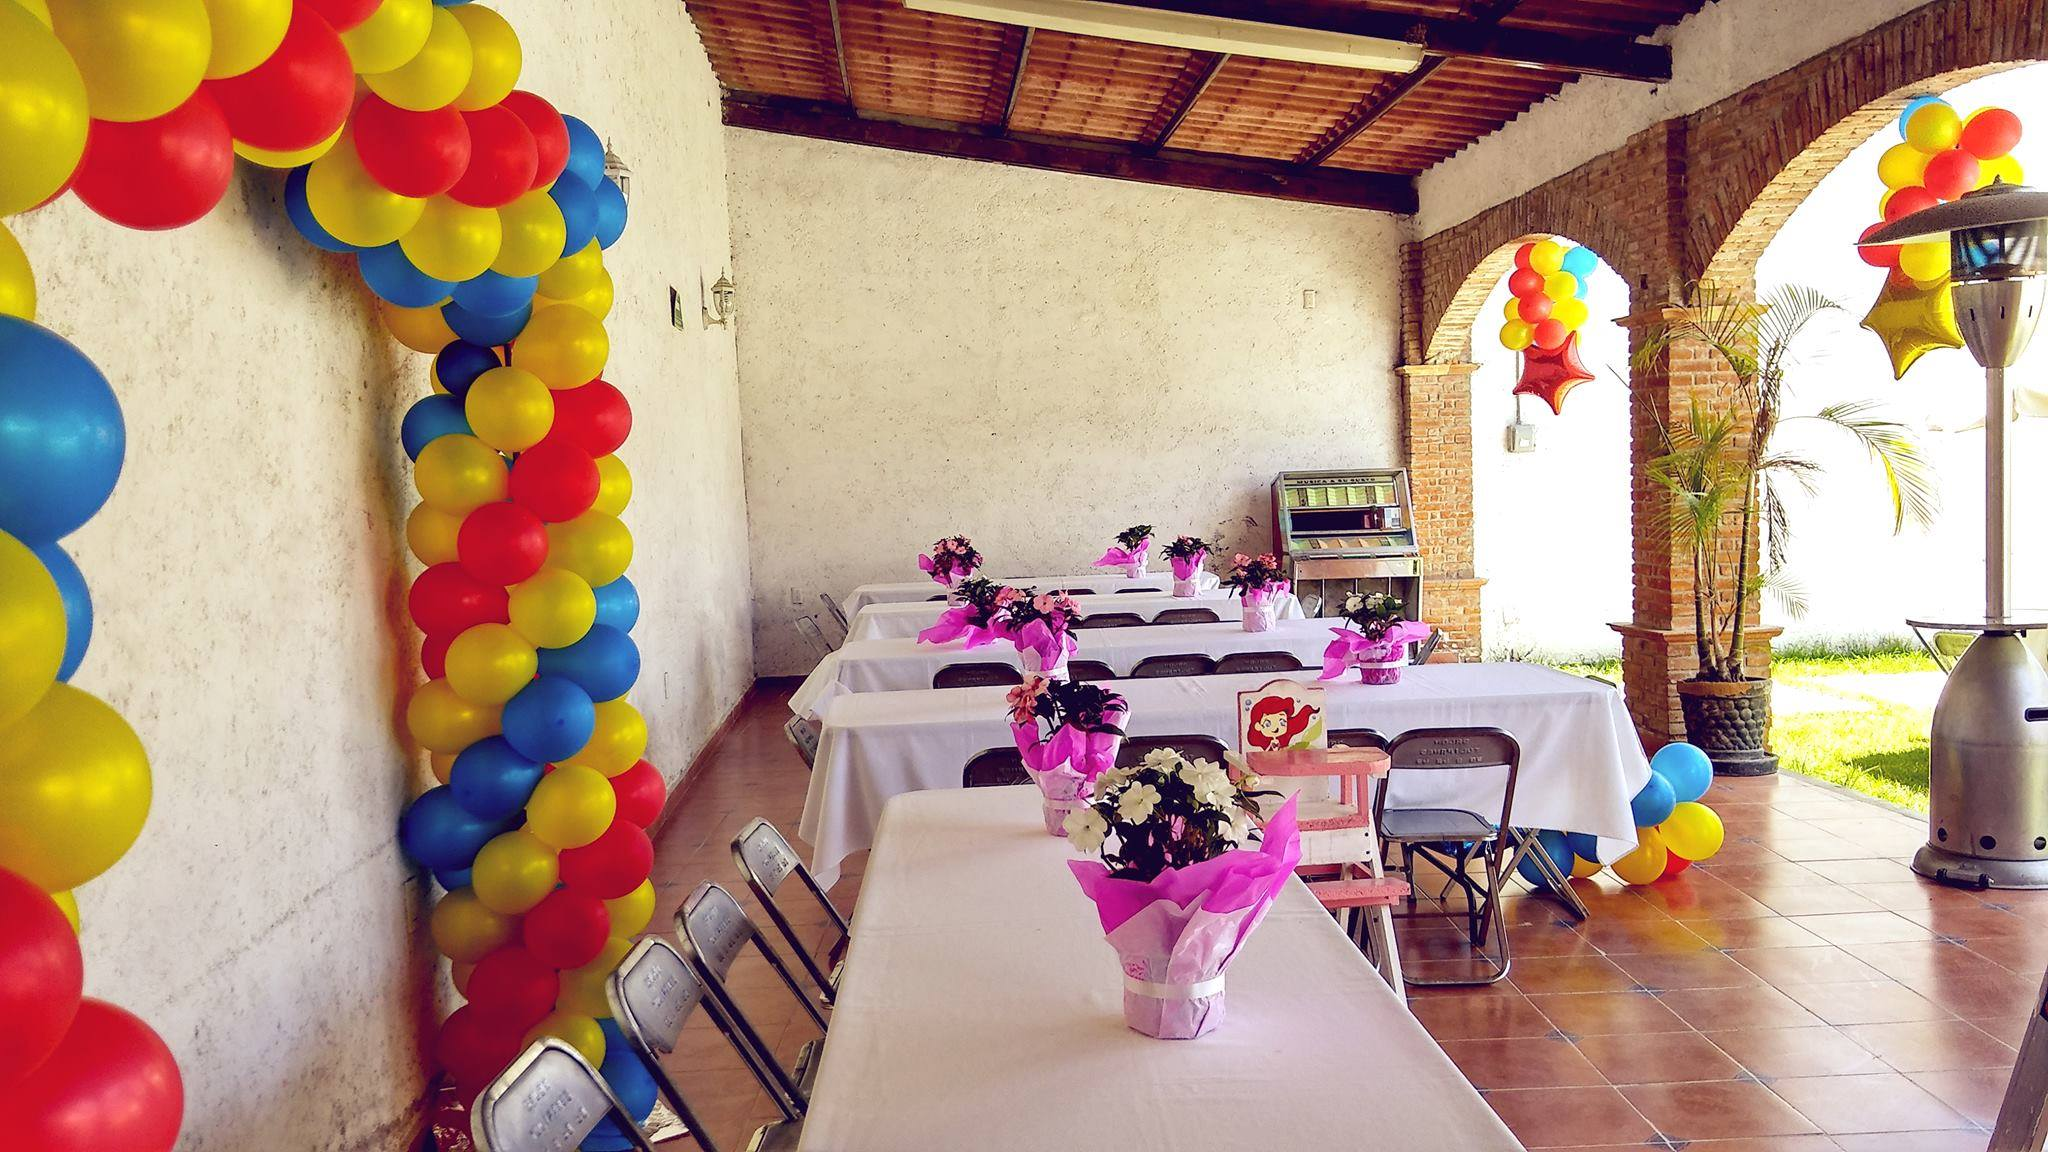 Salones de fiestas en Tehuacán no abrirán por alto costo de prueba Covid